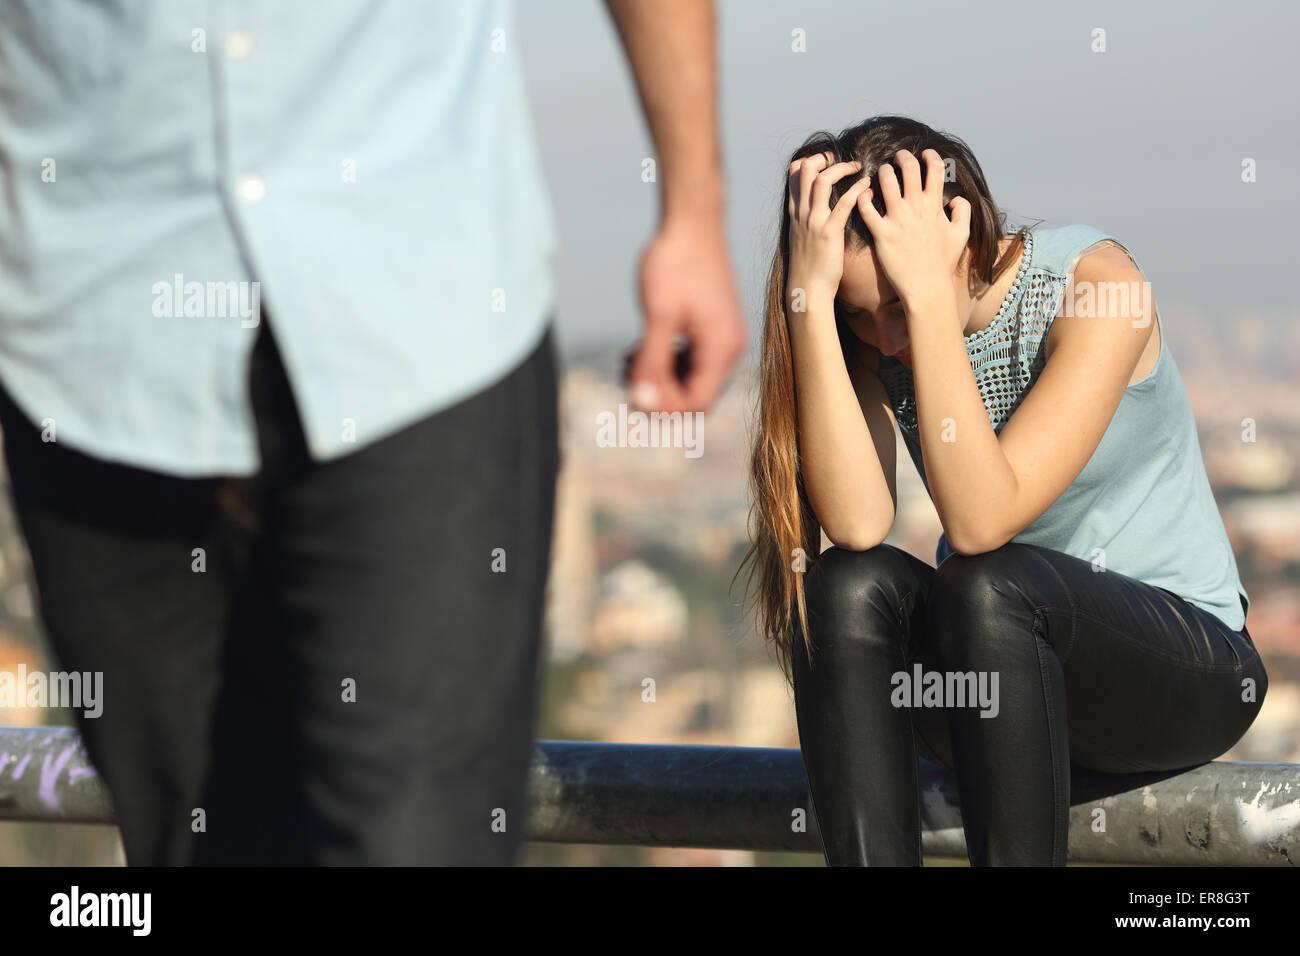 La ruptura de una pareja con el chico malo y triste novia con una ciudad en el fondo Imagen De Stock